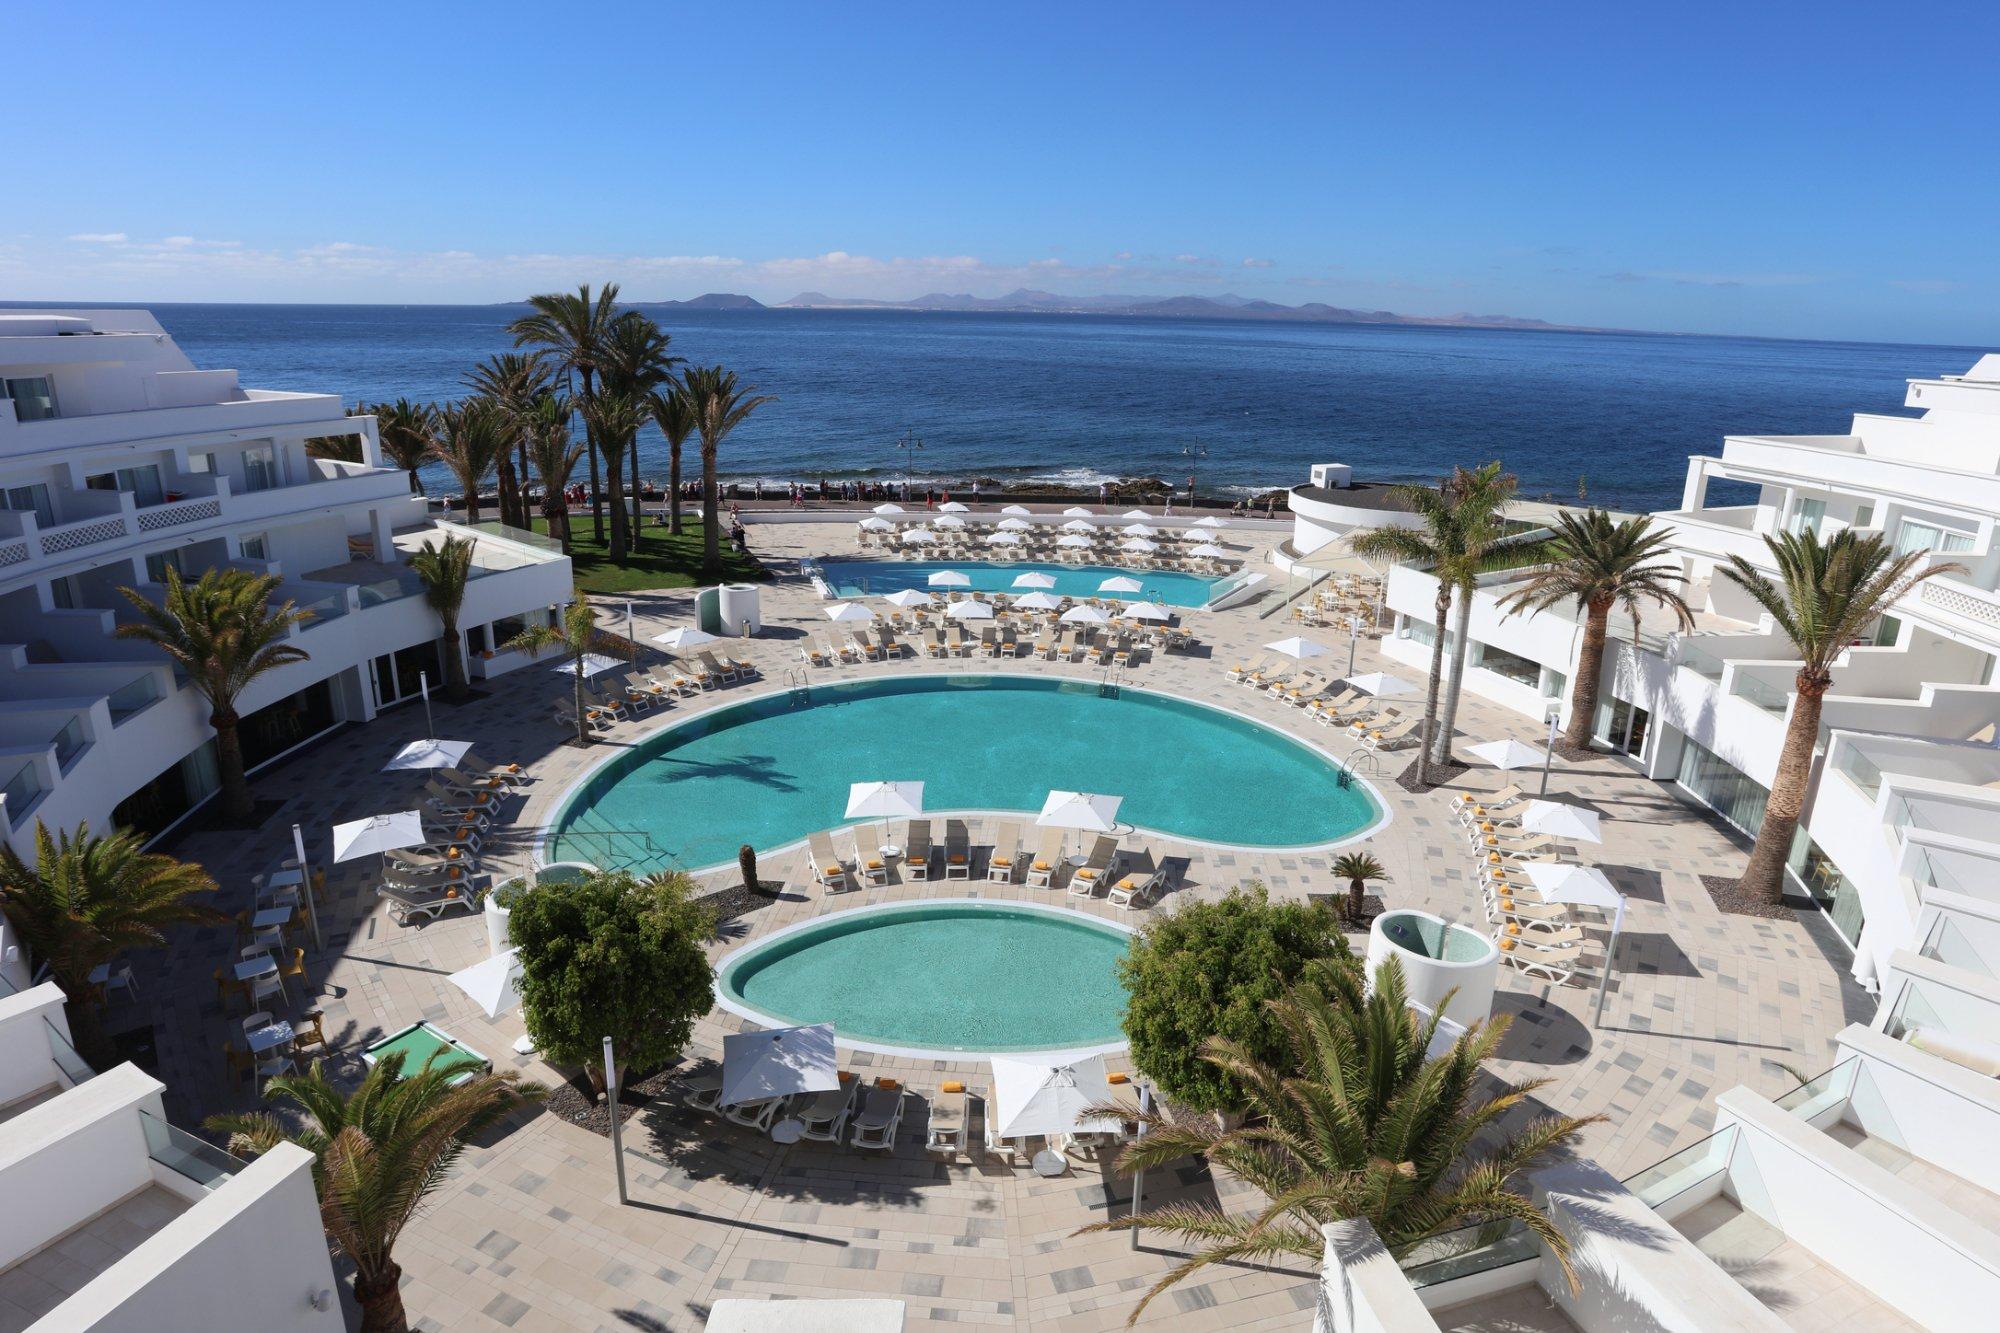 La mejor empresa de construcci n de piscinas para hoteles for Empresas de construccion de piscinas